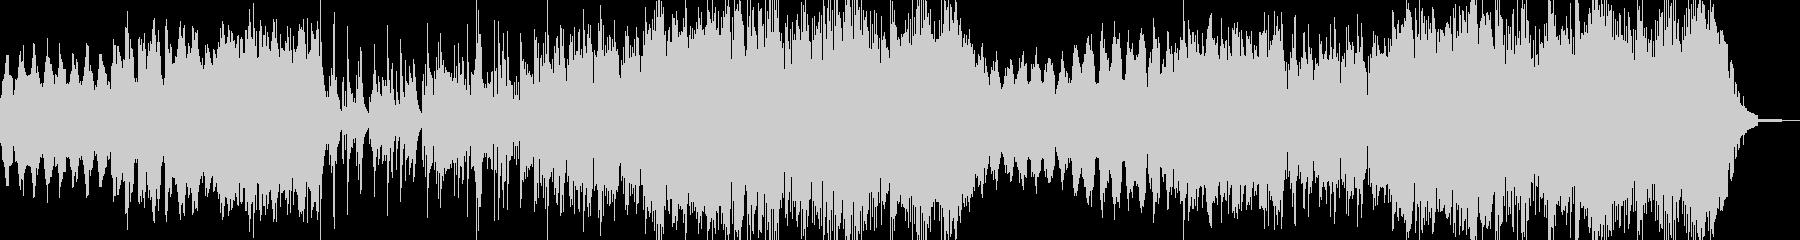 切ないピアノとハープが印象的なワルツの未再生の波形